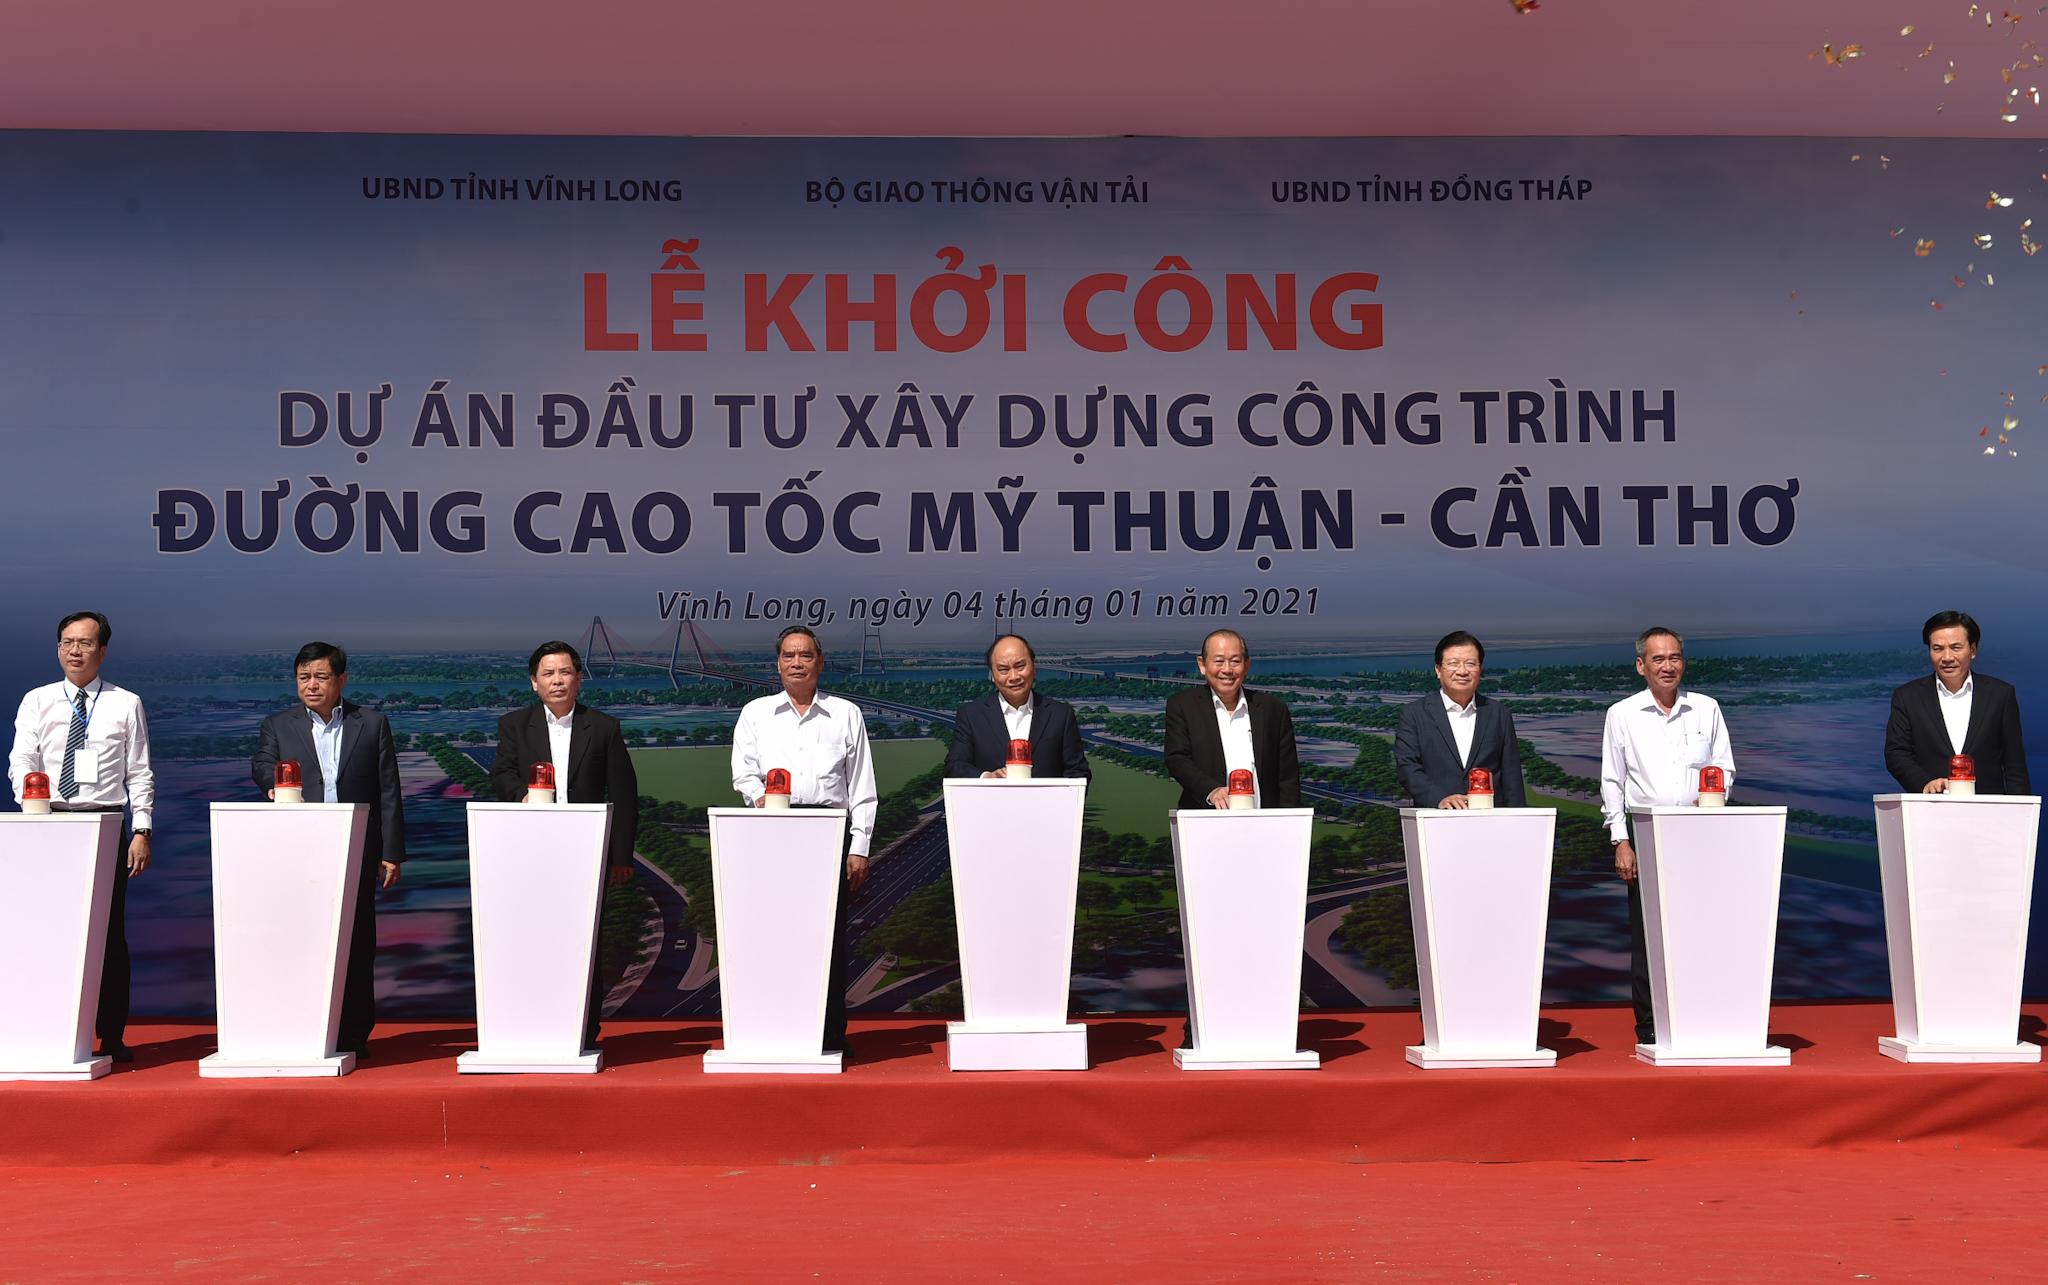 Cao tốc Mỹ Thuận - Cần Thơ đáp ứng nhu cầu 20 triệu dân chính thức khởi công - Ảnh 2.